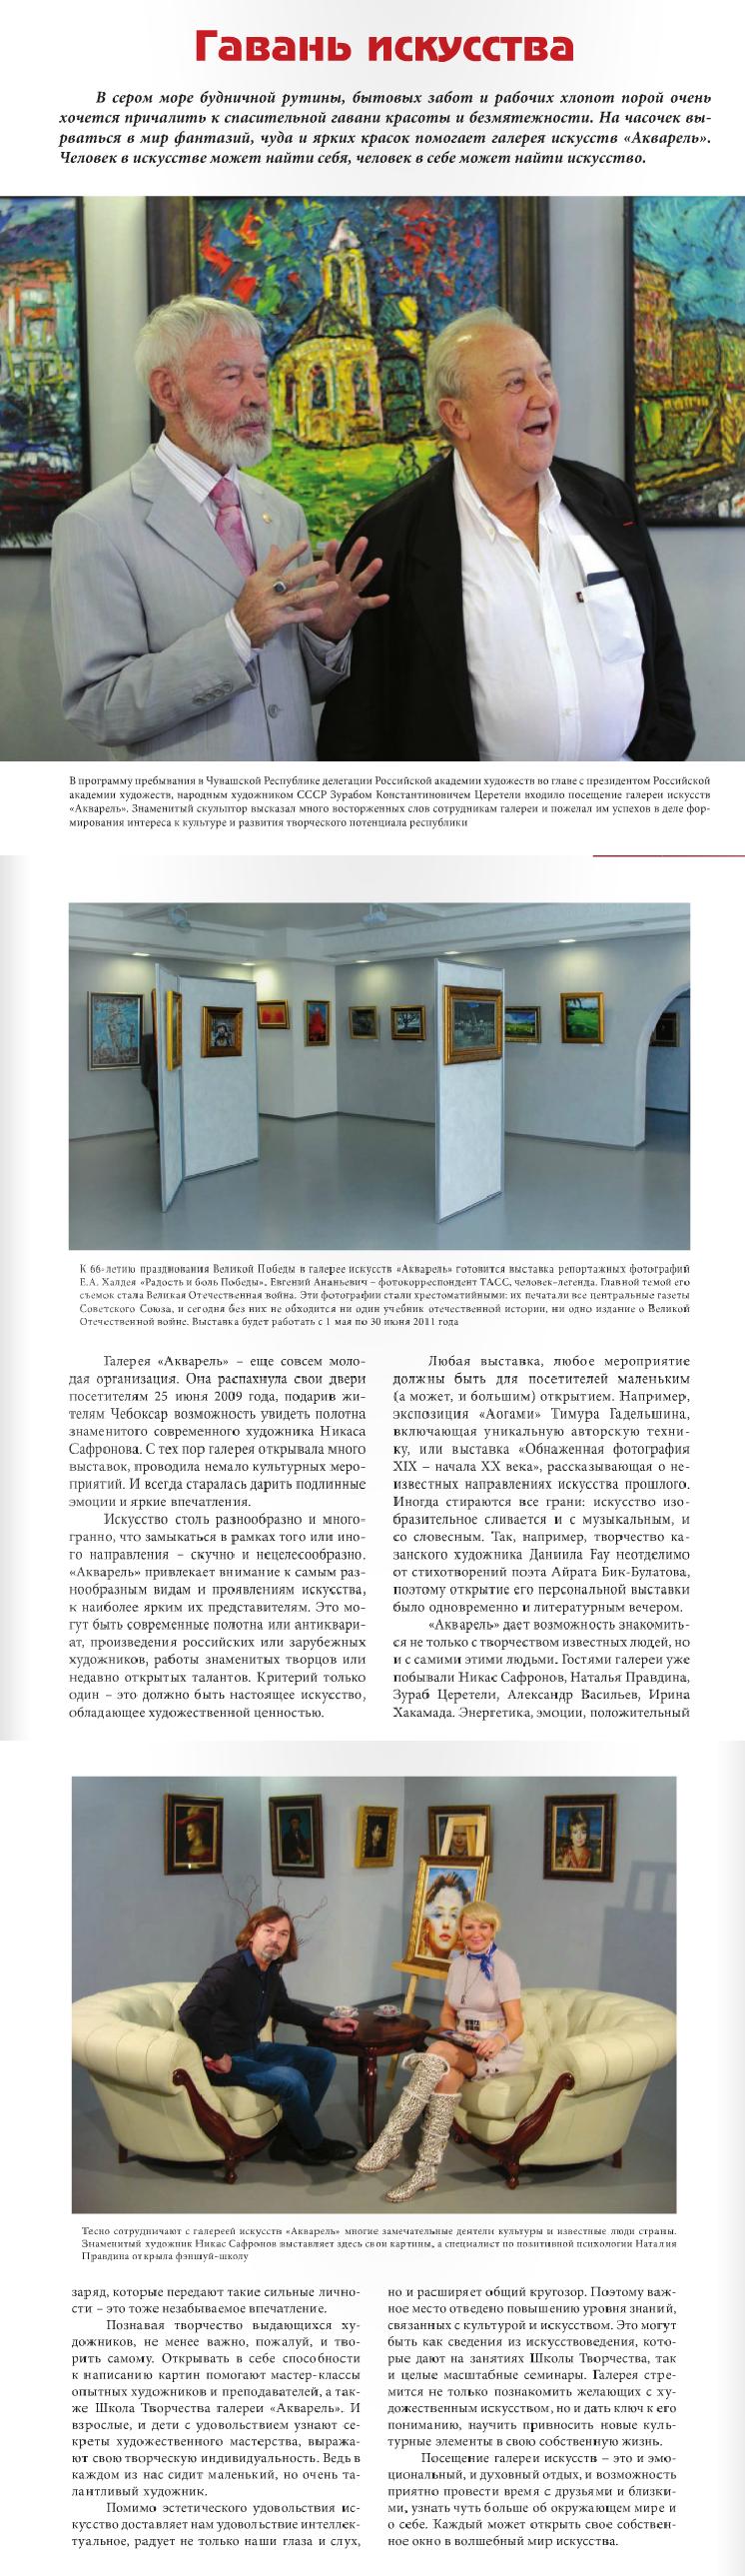 Статья про галерею